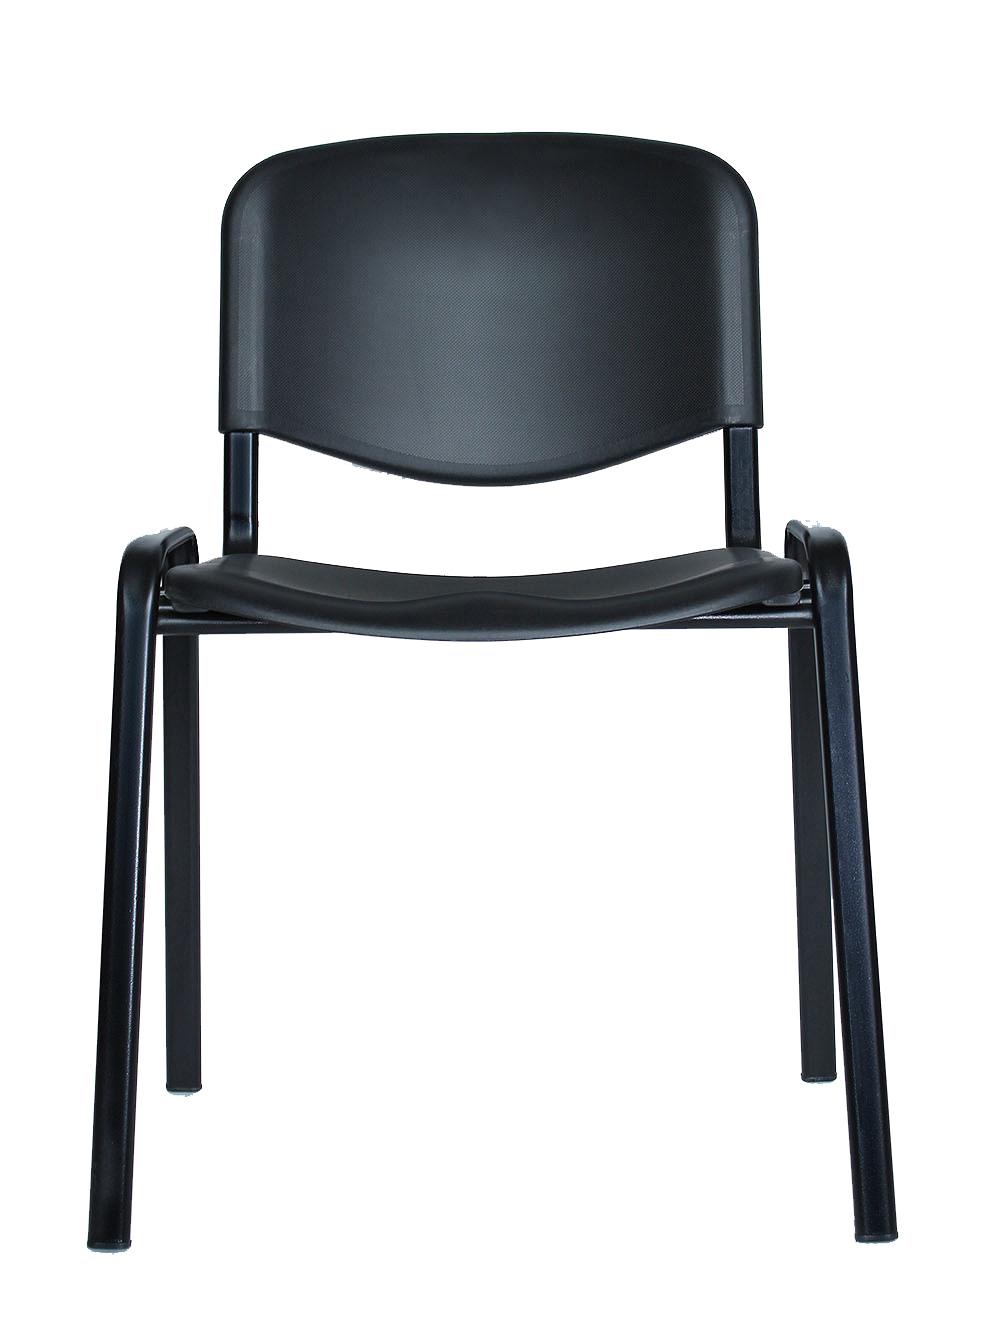 putzmittelschrank besenschrank aktenschrank metall stahl eisen schrank grau neu ebay. Black Bedroom Furniture Sets. Home Design Ideas